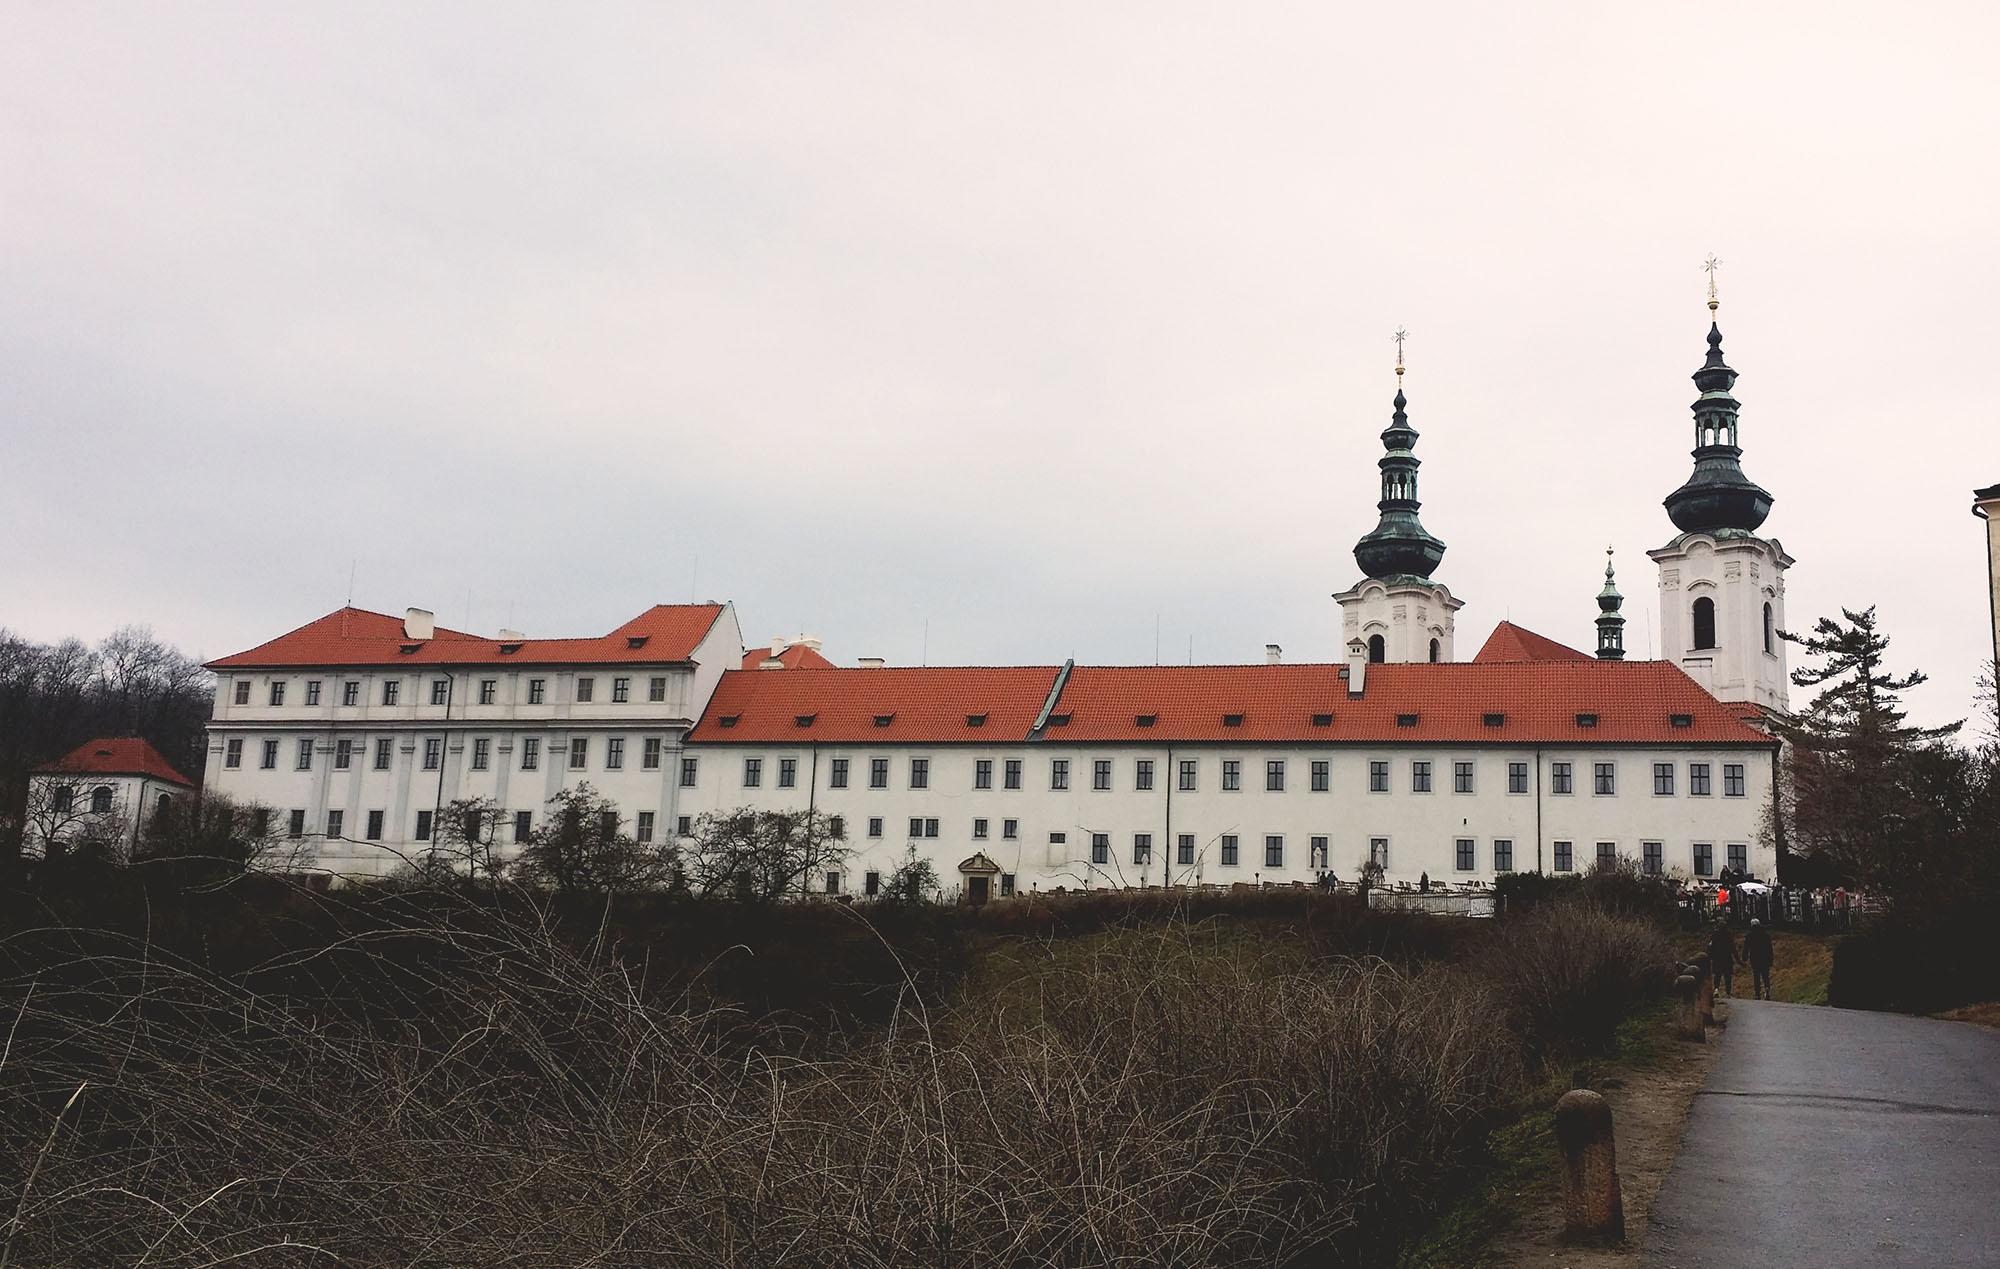 ストラホフ修道院外観